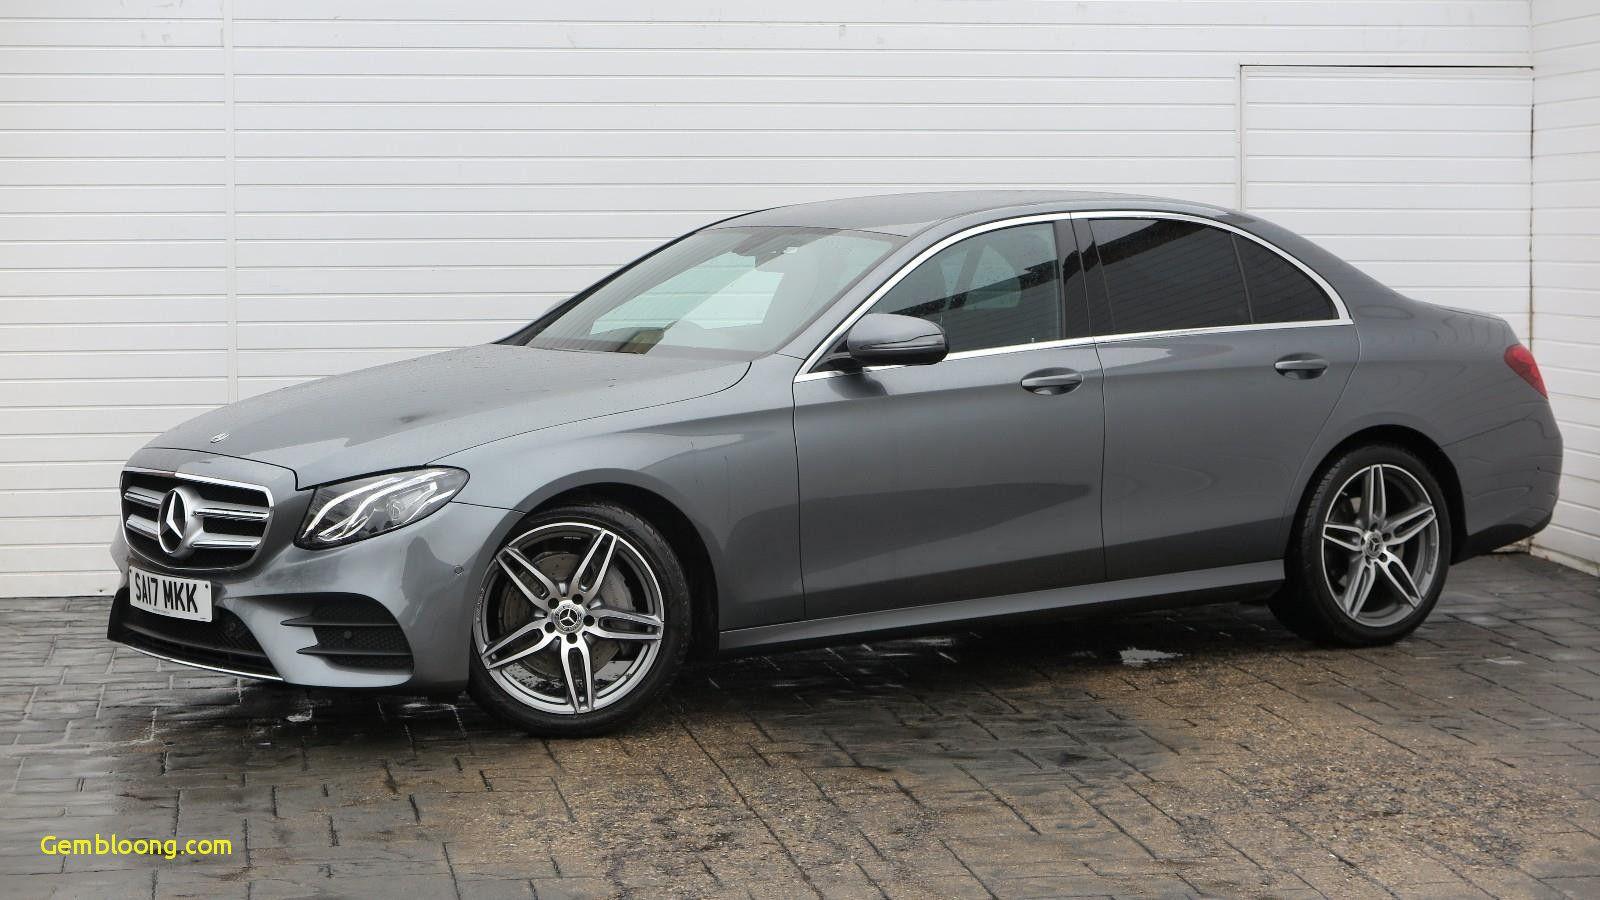 2020 Mercedes Benz E Class Price Reviews In 2020 Benz E Class